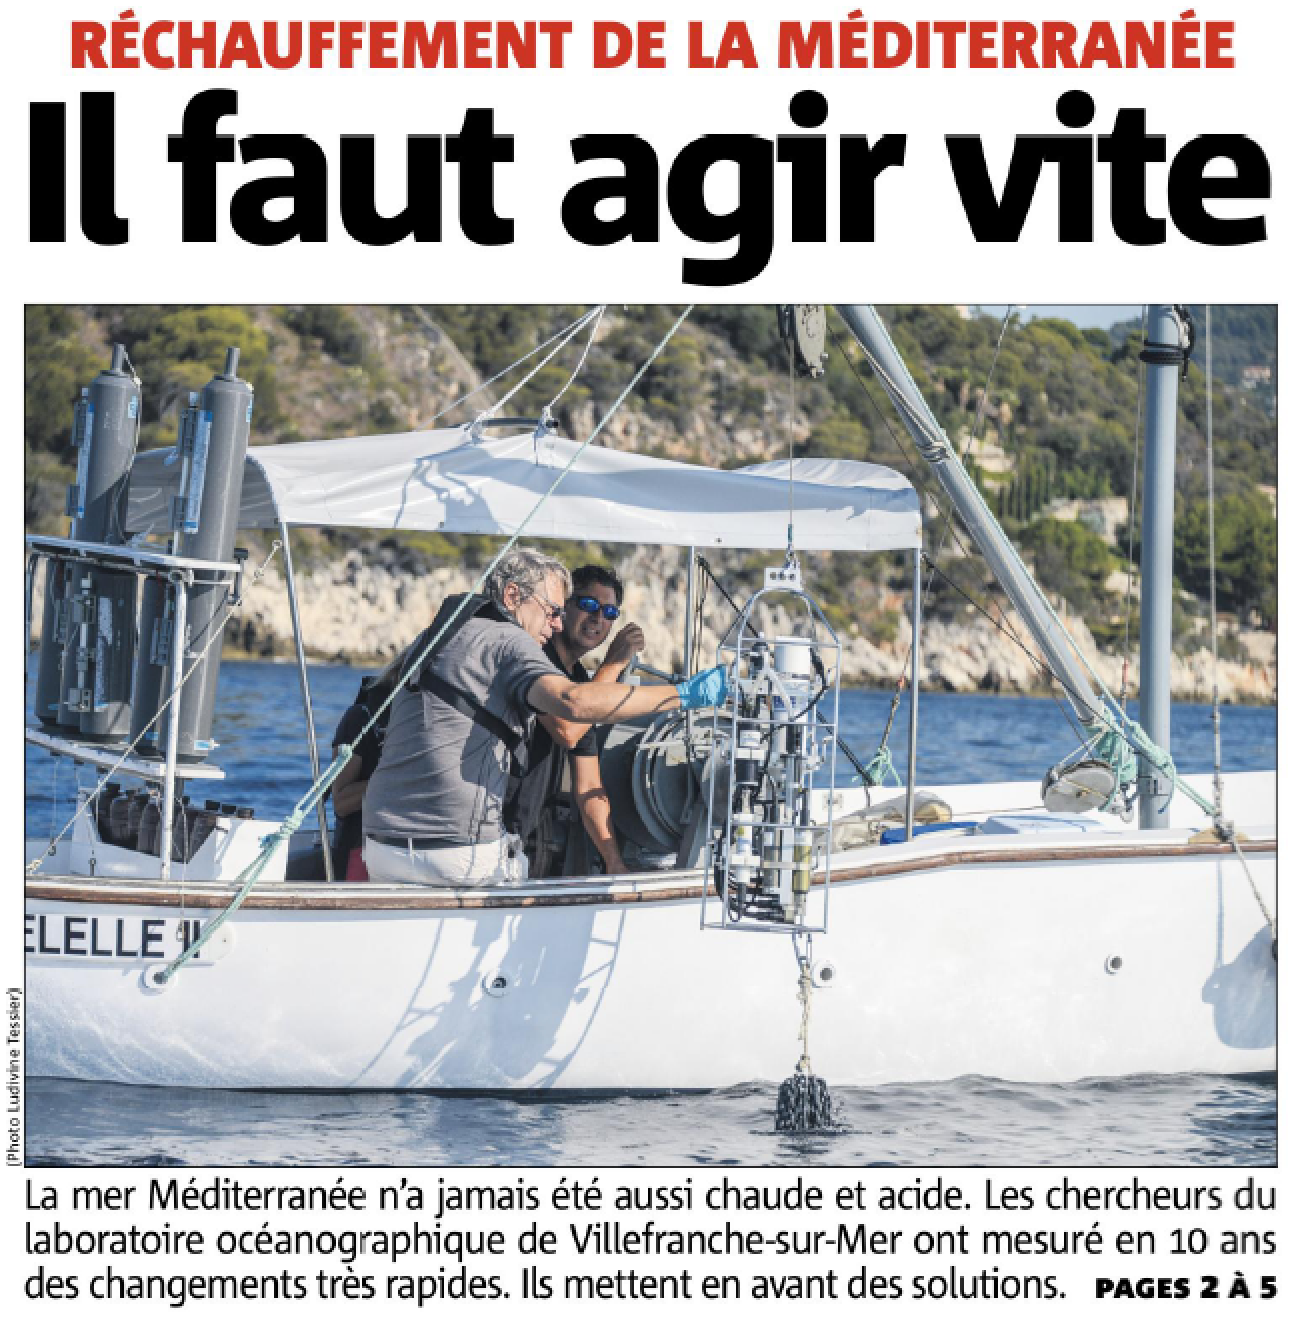 Réchauffement de la méditerranée : il faut agir vite !!